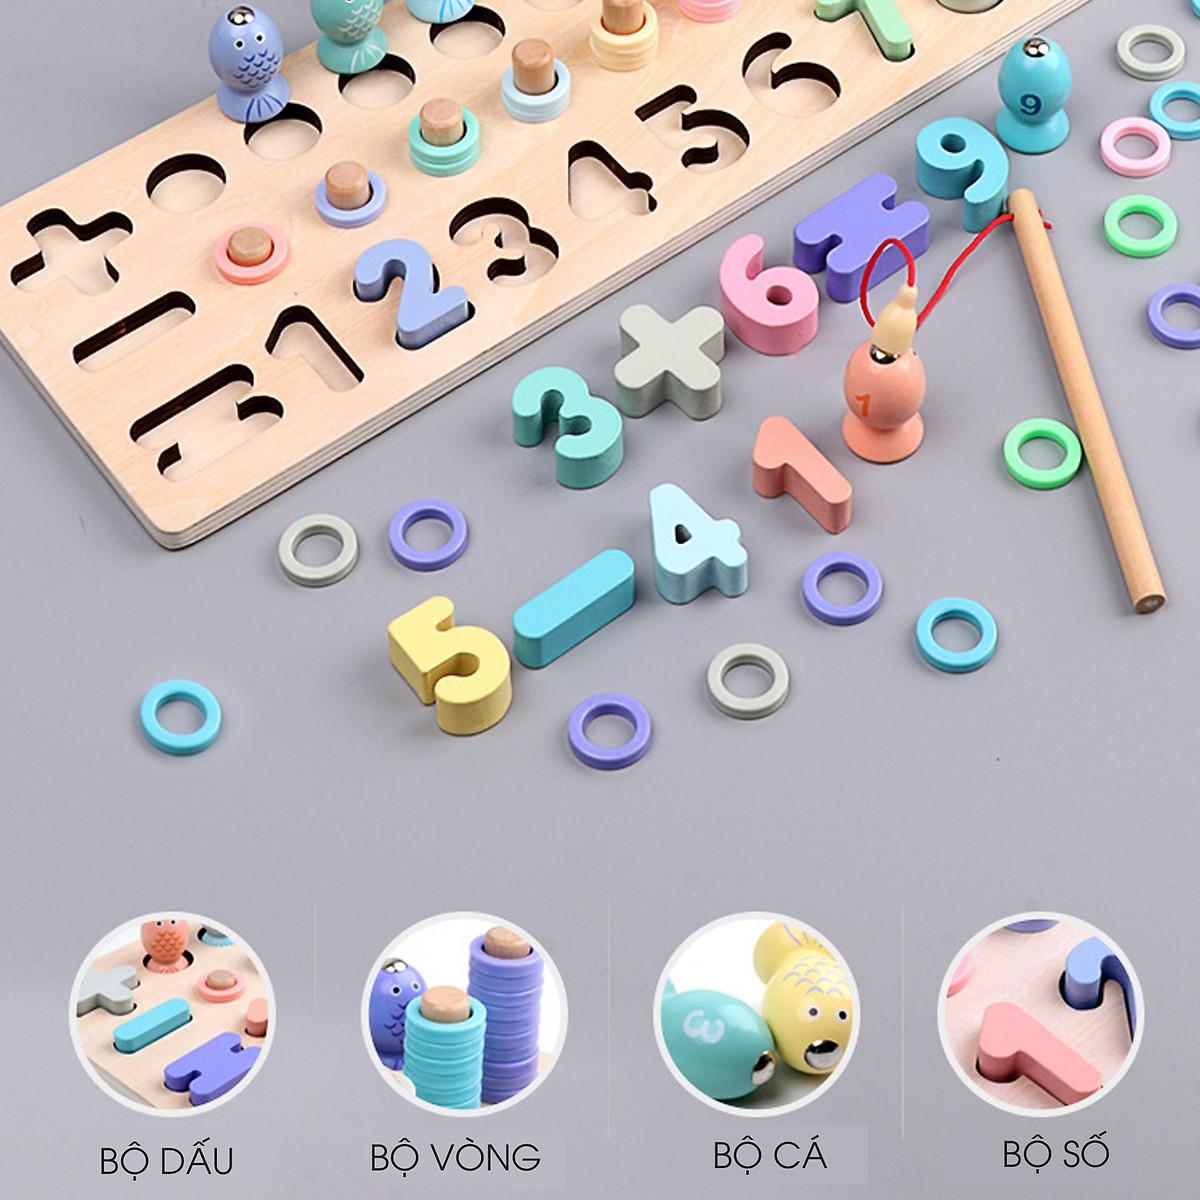 Đồ chơi gỗ - Bộ câu cá logic đa năng MK0036